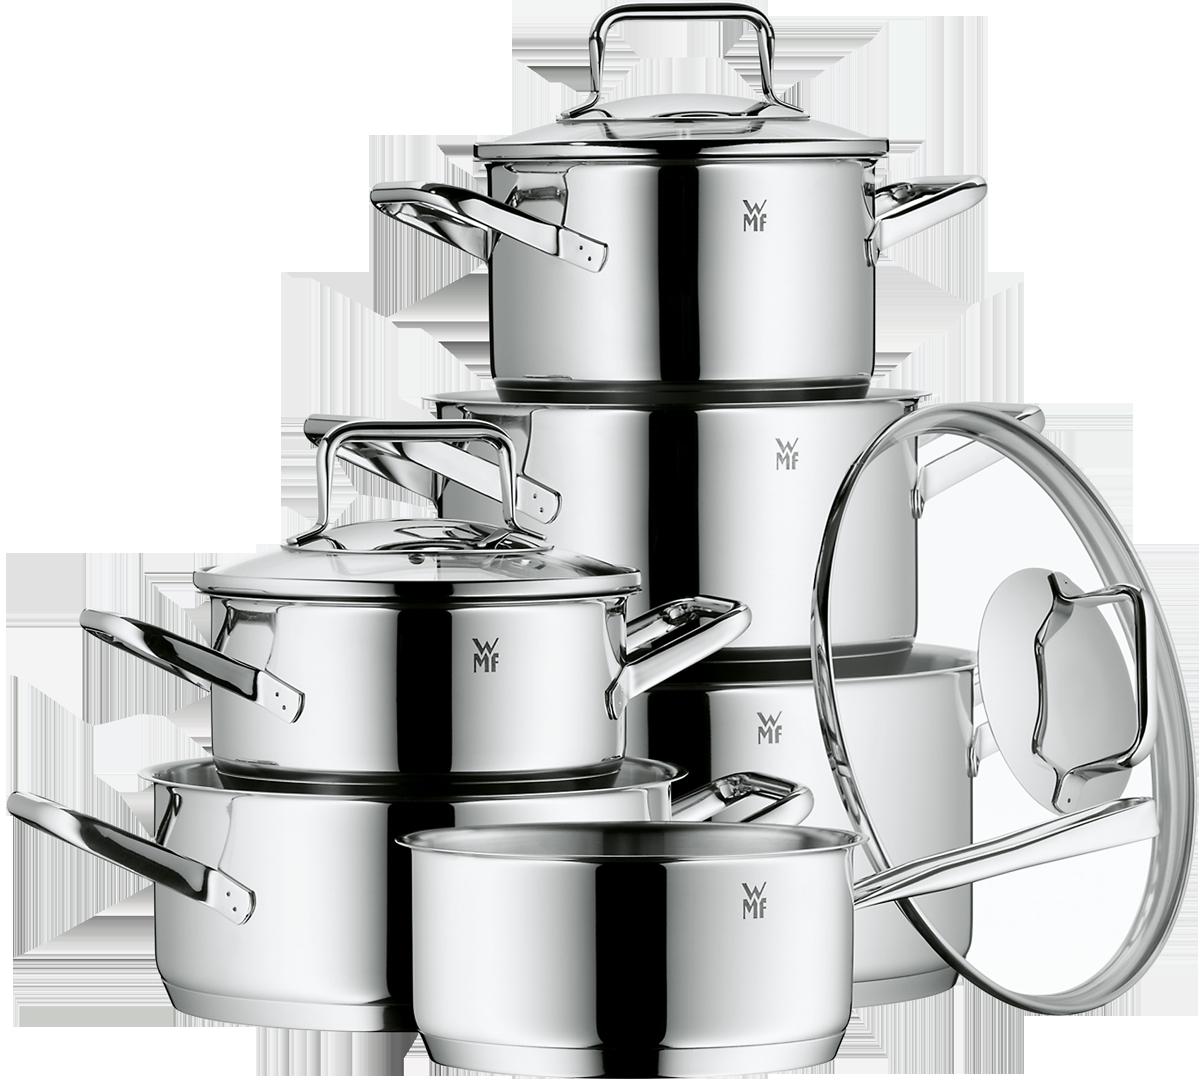 wmf batterie de cuisine 6 pi ces trend jeux de casseroles pour cuisini res induction. Black Bedroom Furniture Sets. Home Design Ideas